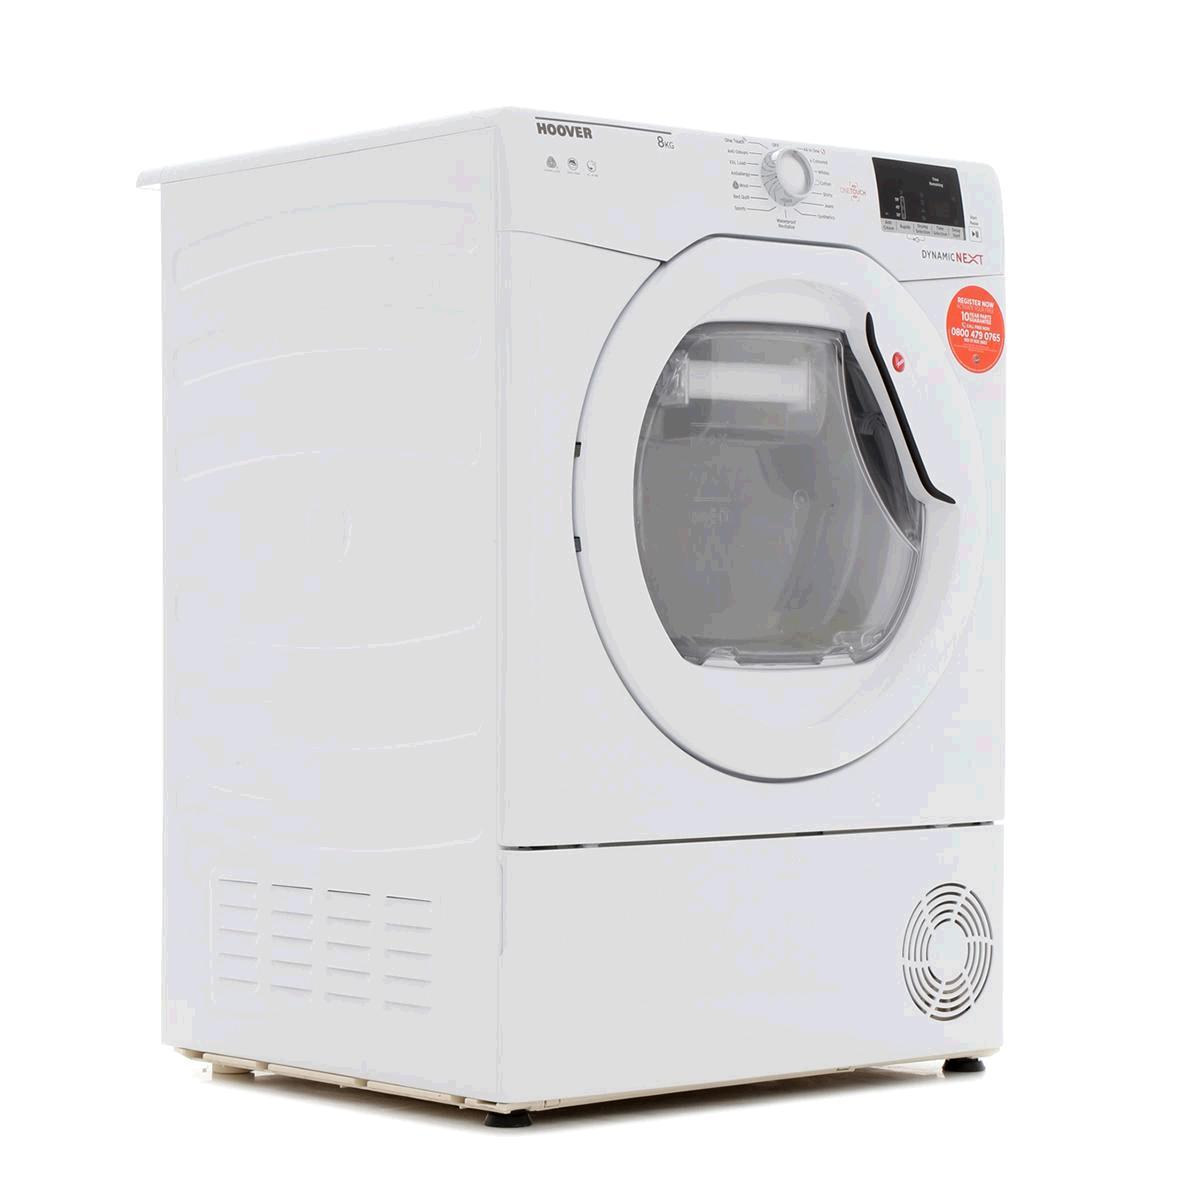 Hoover Condenser Dryer 8kg